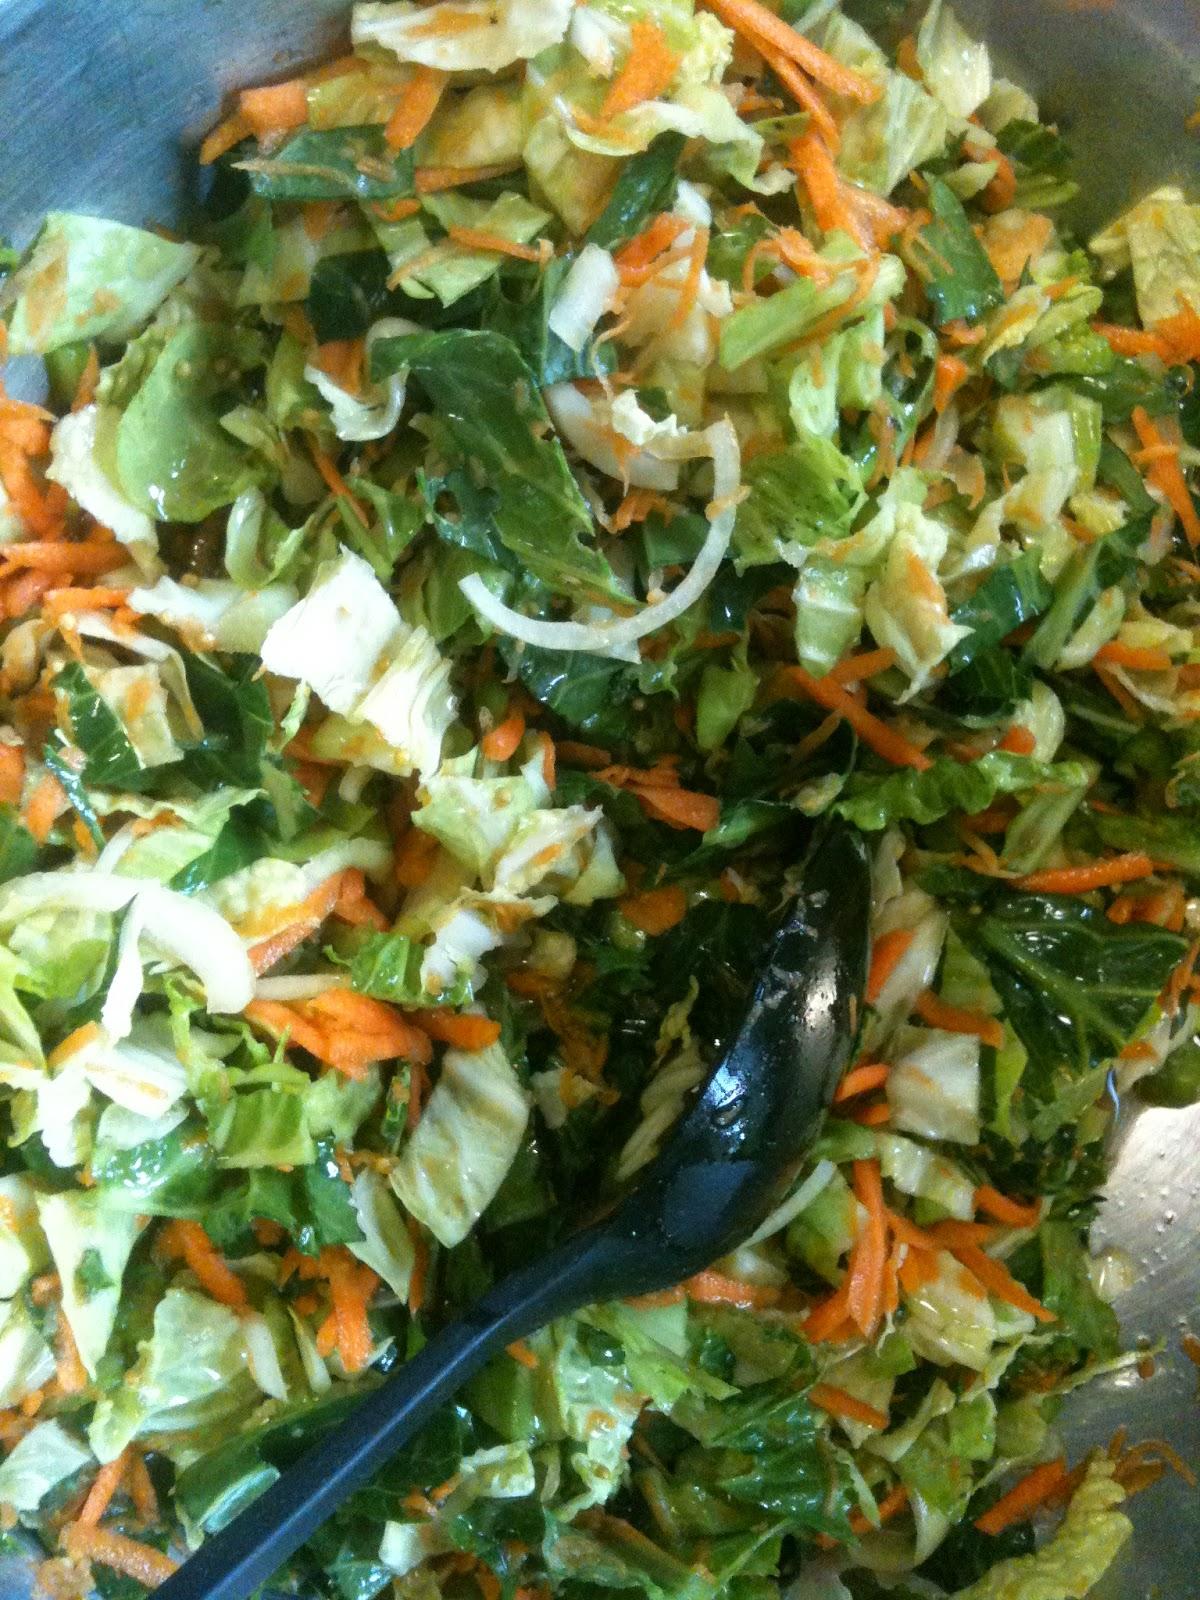 Deconstructed coleslaw.